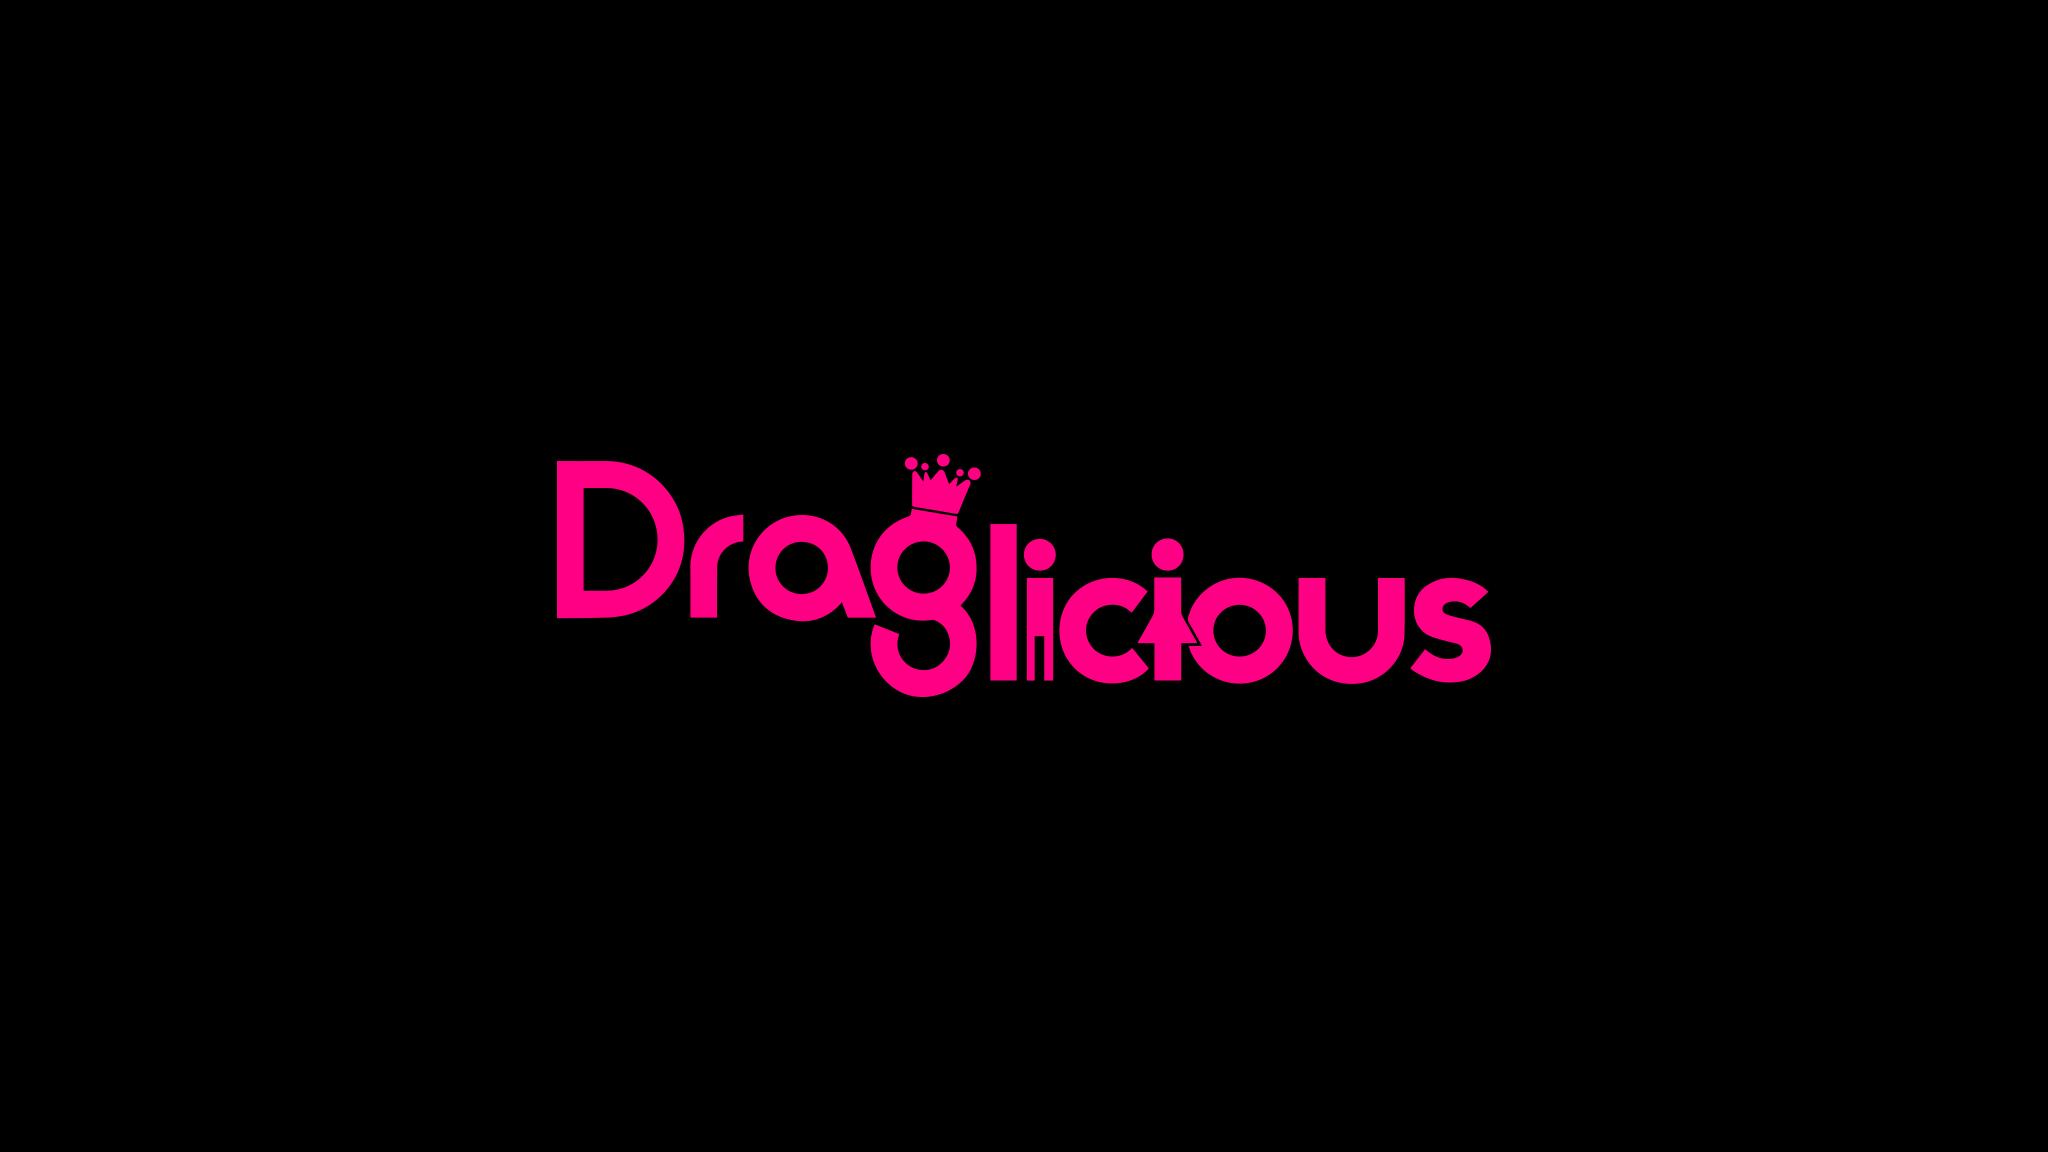 draglicious